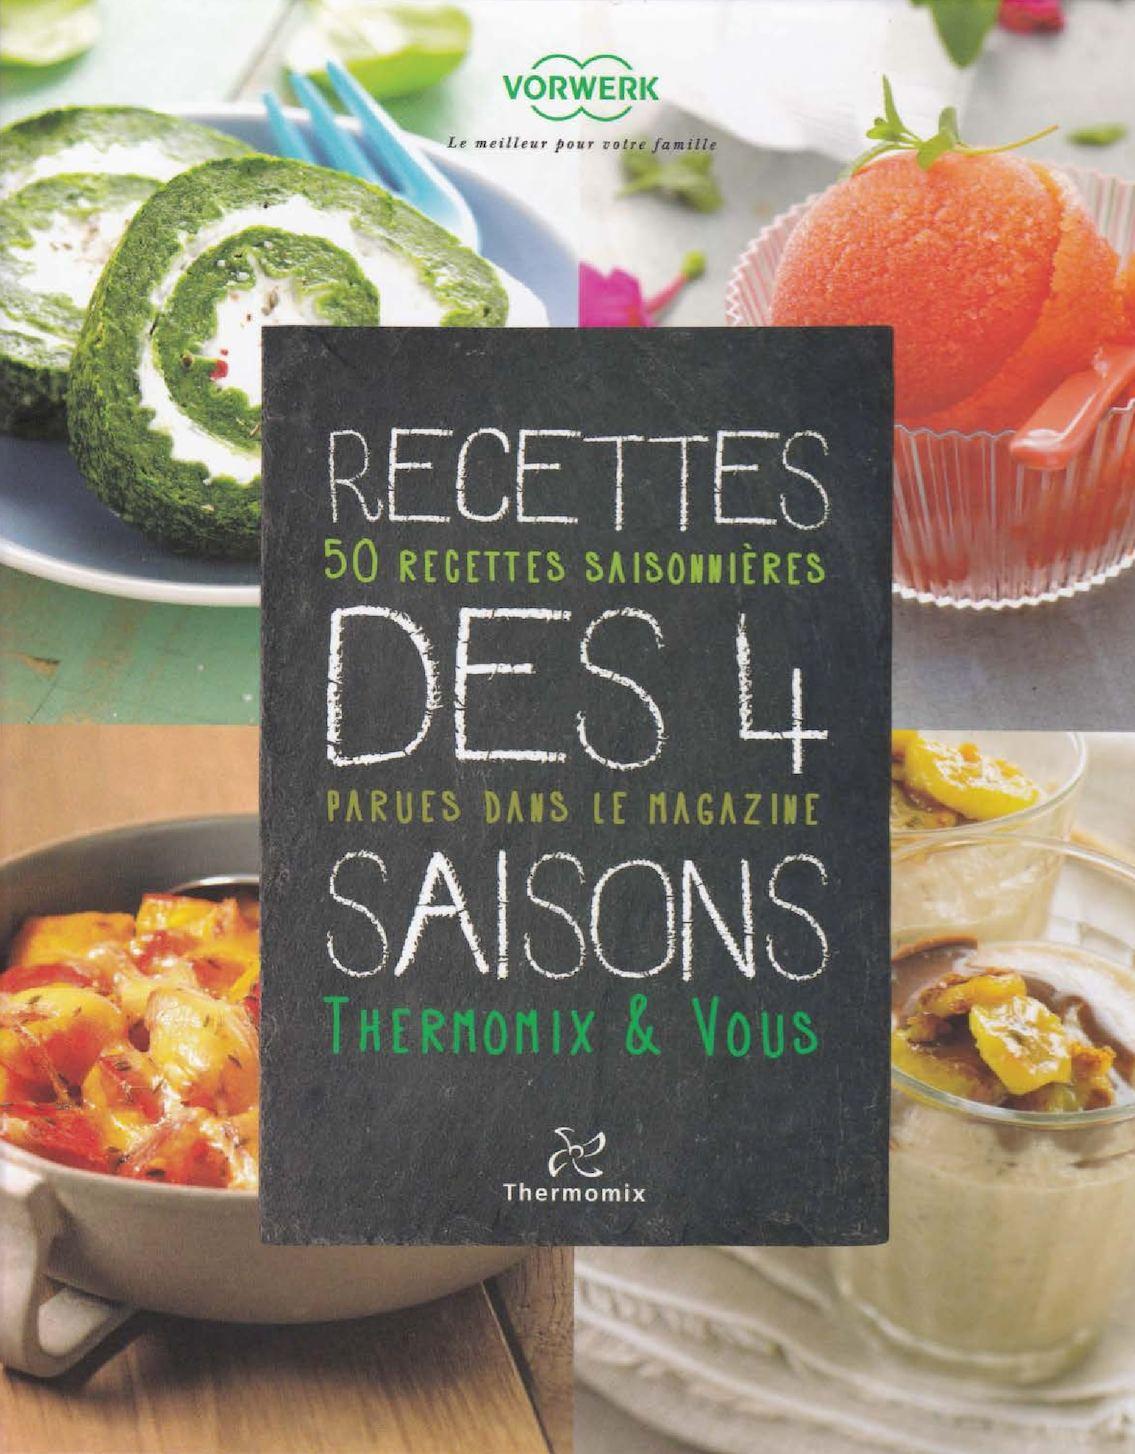 Calam o recettes des 4 saisons - Livre de cuisine thermomix d occasion ...